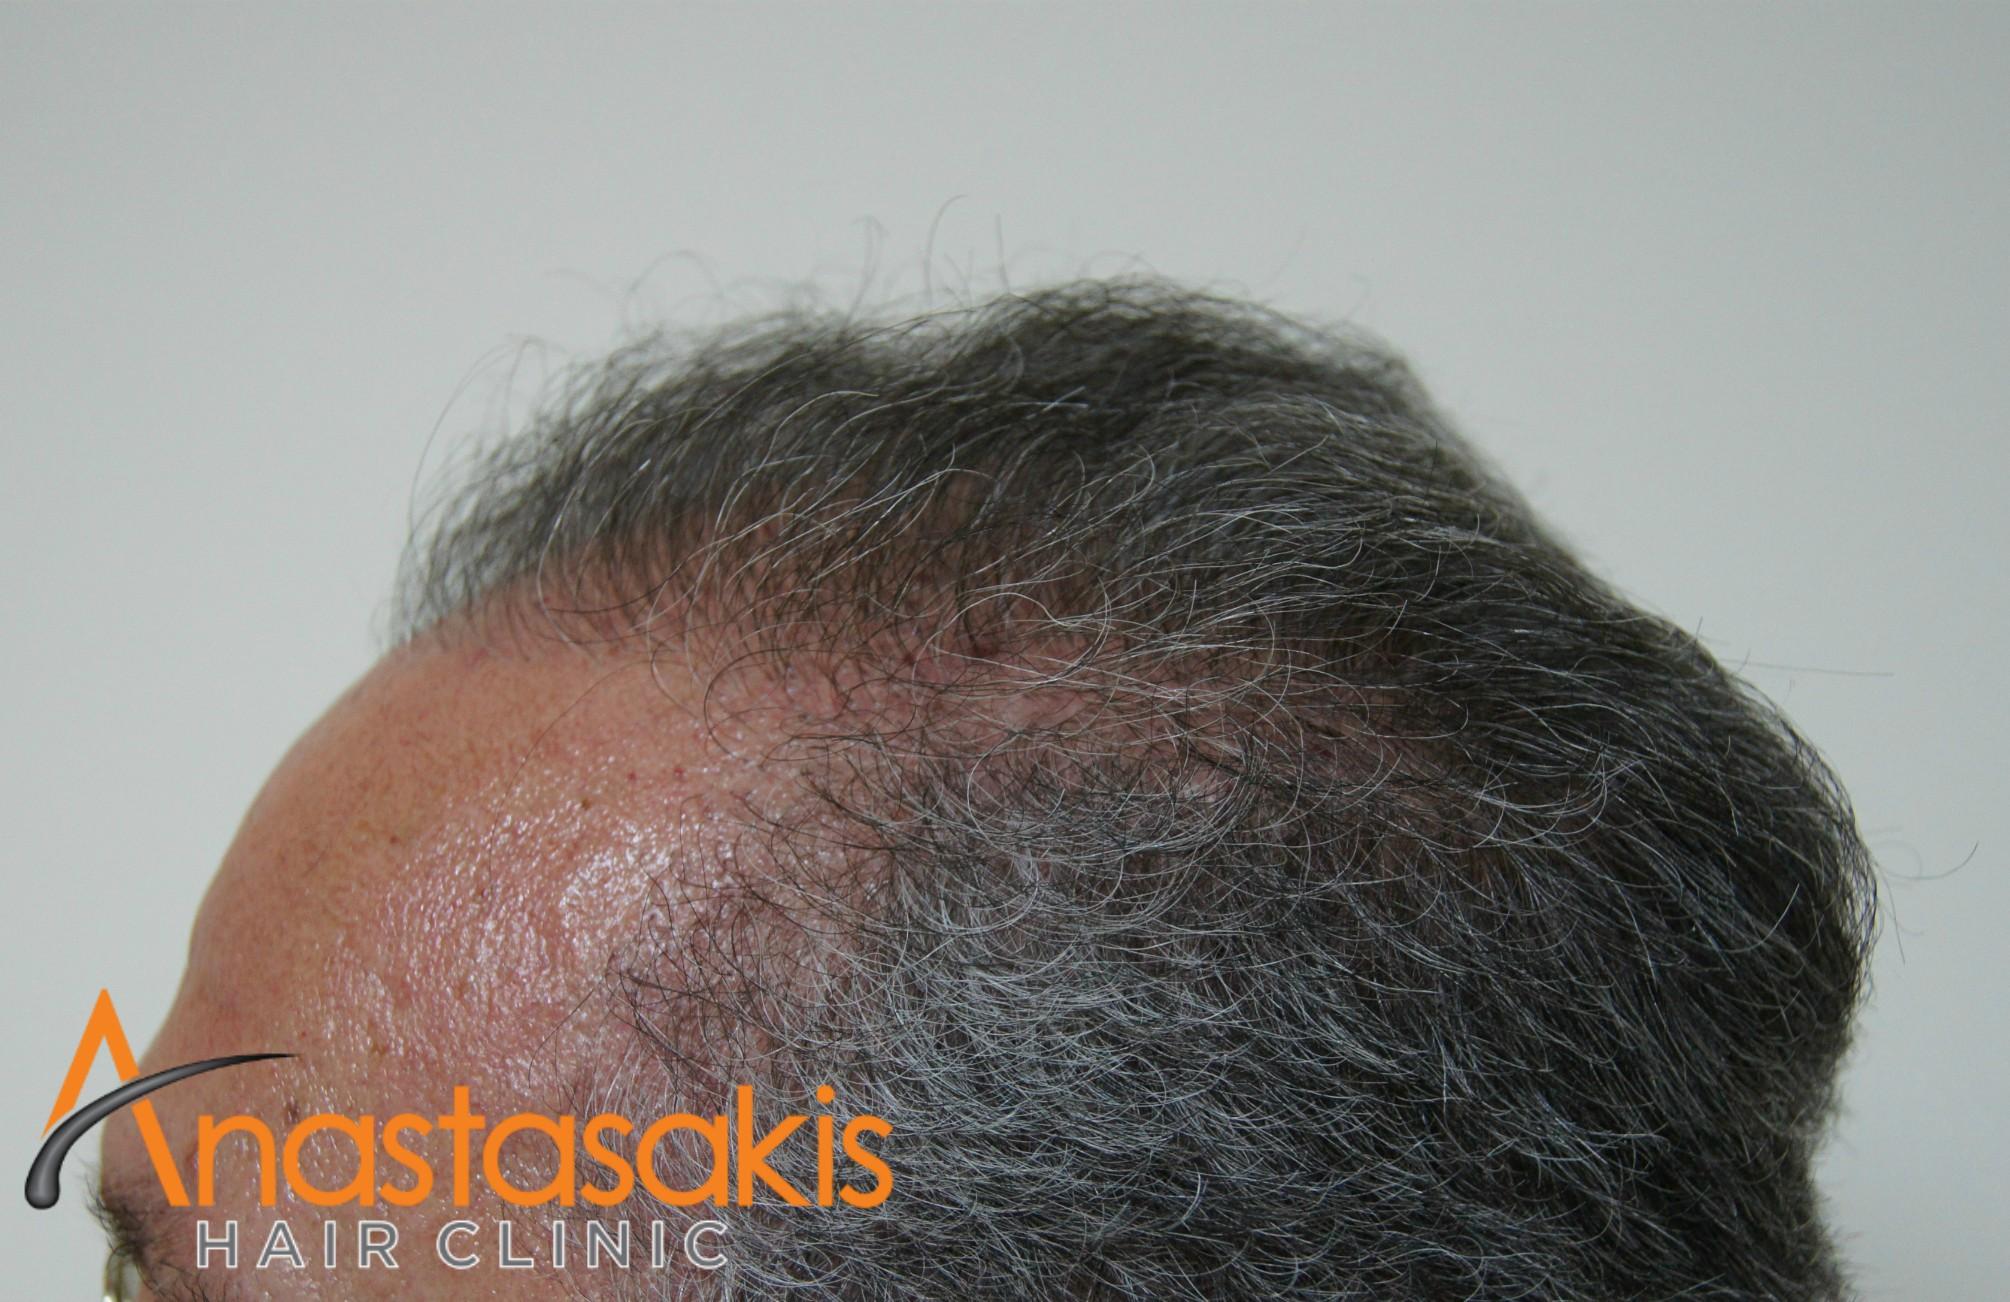 αριστερο προφιλ 2 ασθενους μετα τη μεταμοσχευση μαλλιων με 3200 fus